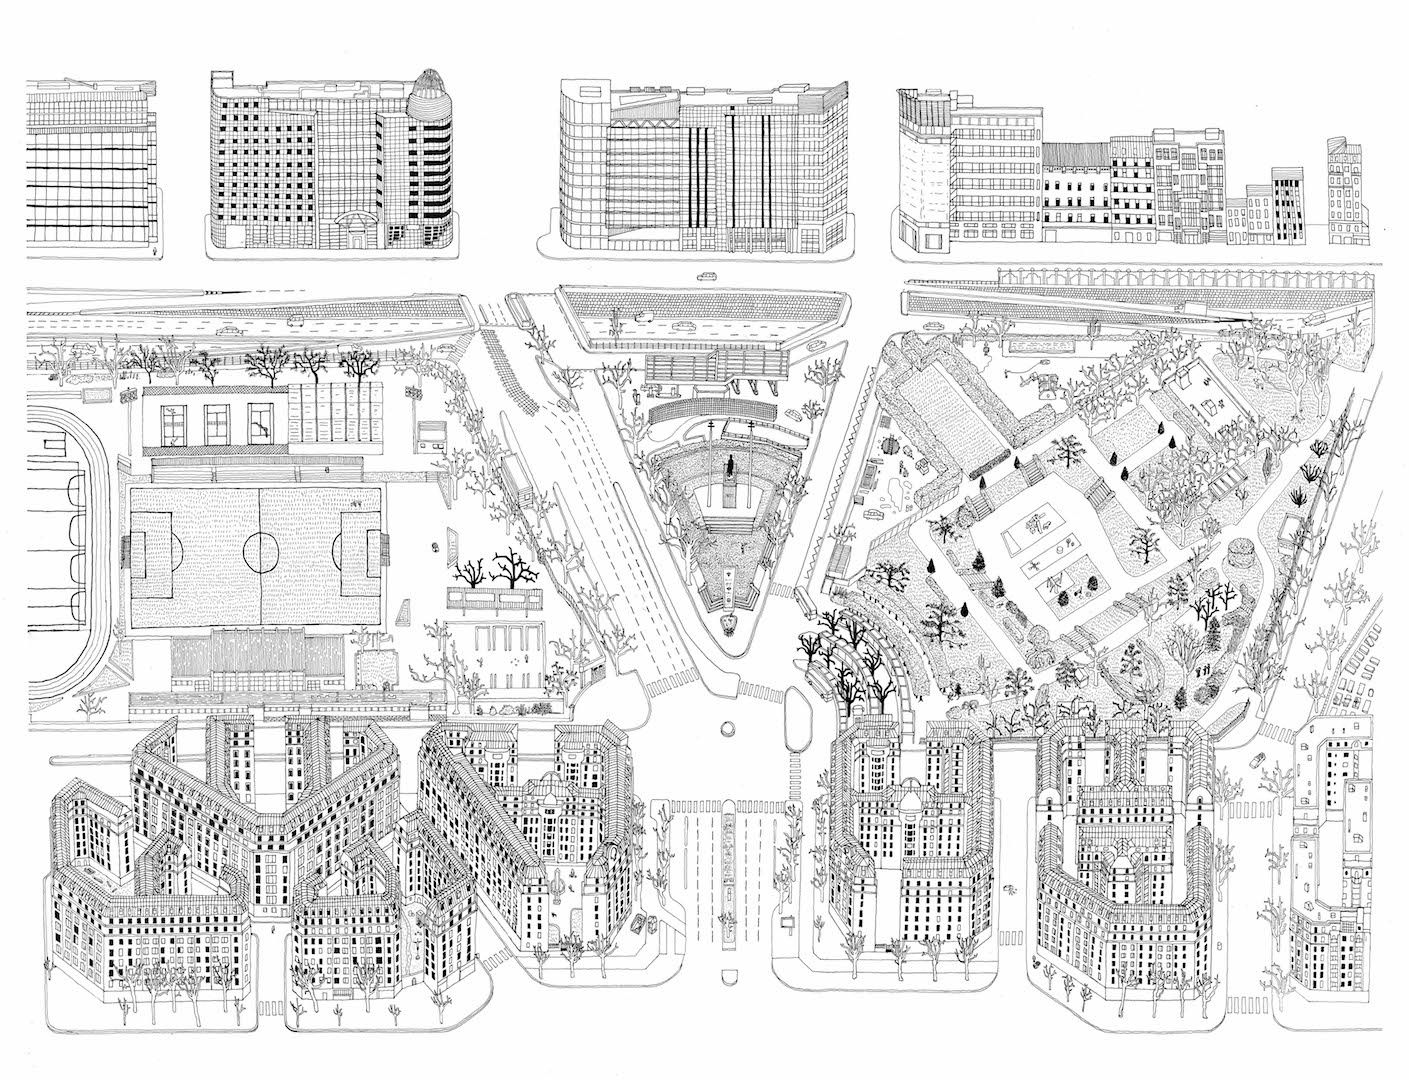 Les portes de Paris, dessins de Thomas Sindicas : une attention à la ville en mouvement